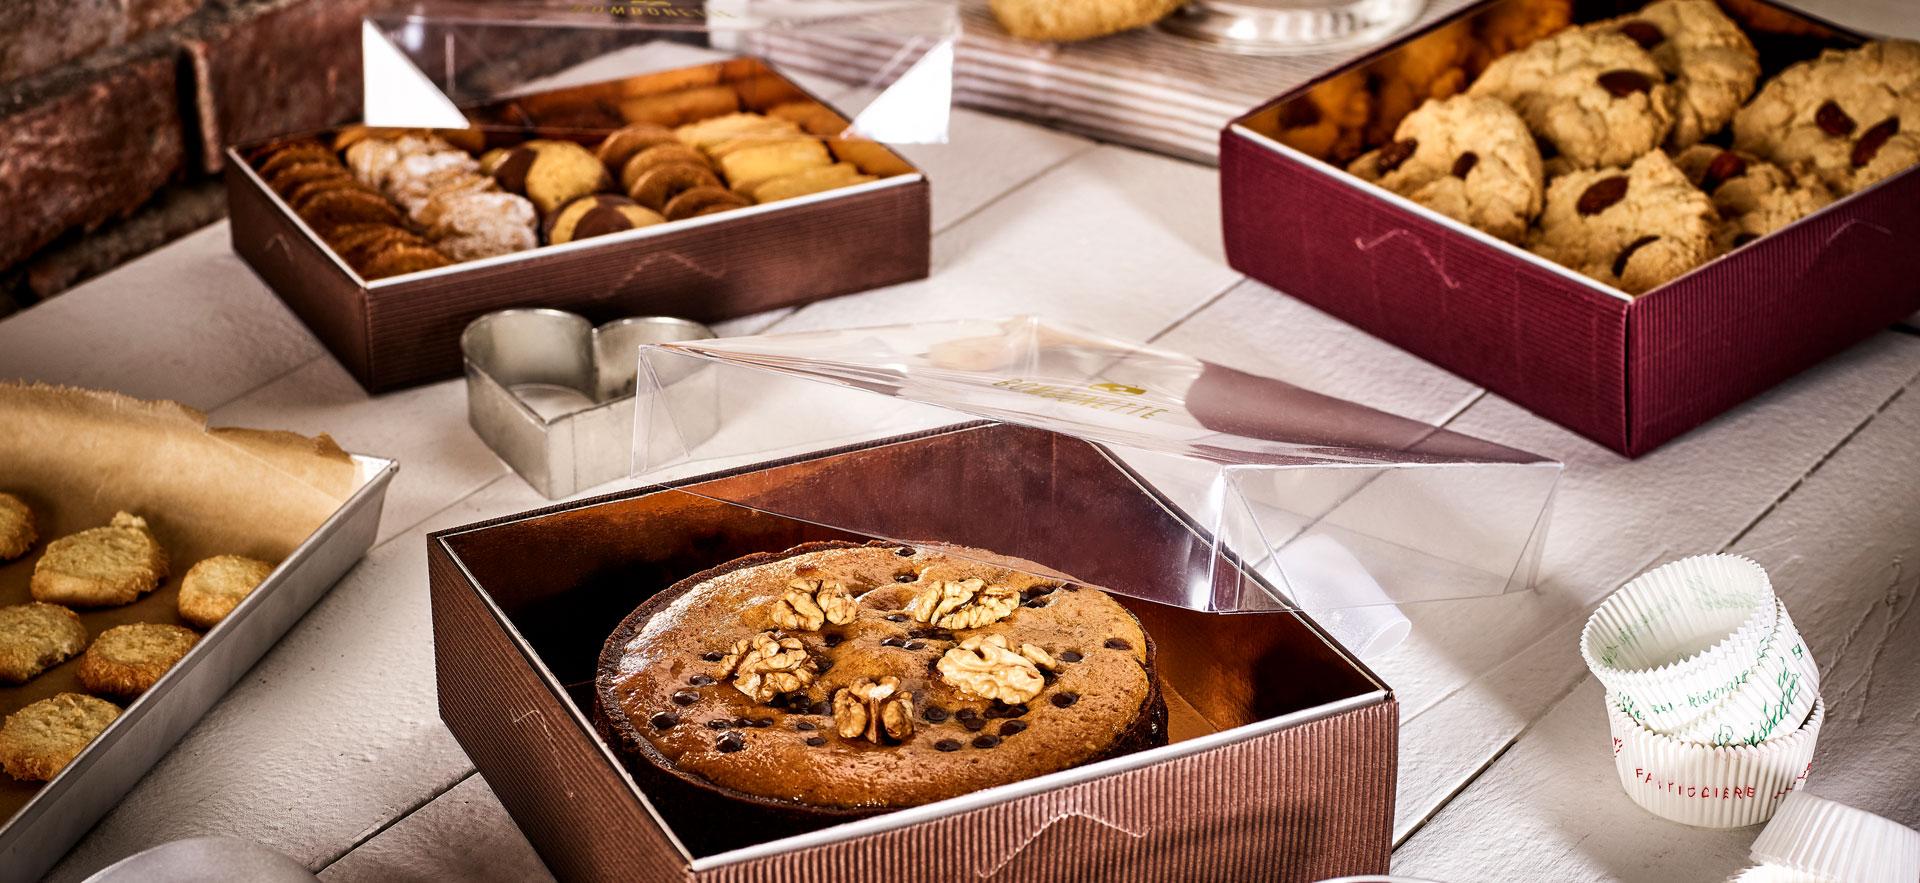 Idee Per Confezionare Biscotti Di Natale.Scatole Per Biscotti I Trend Per Il 2018 Bombonette